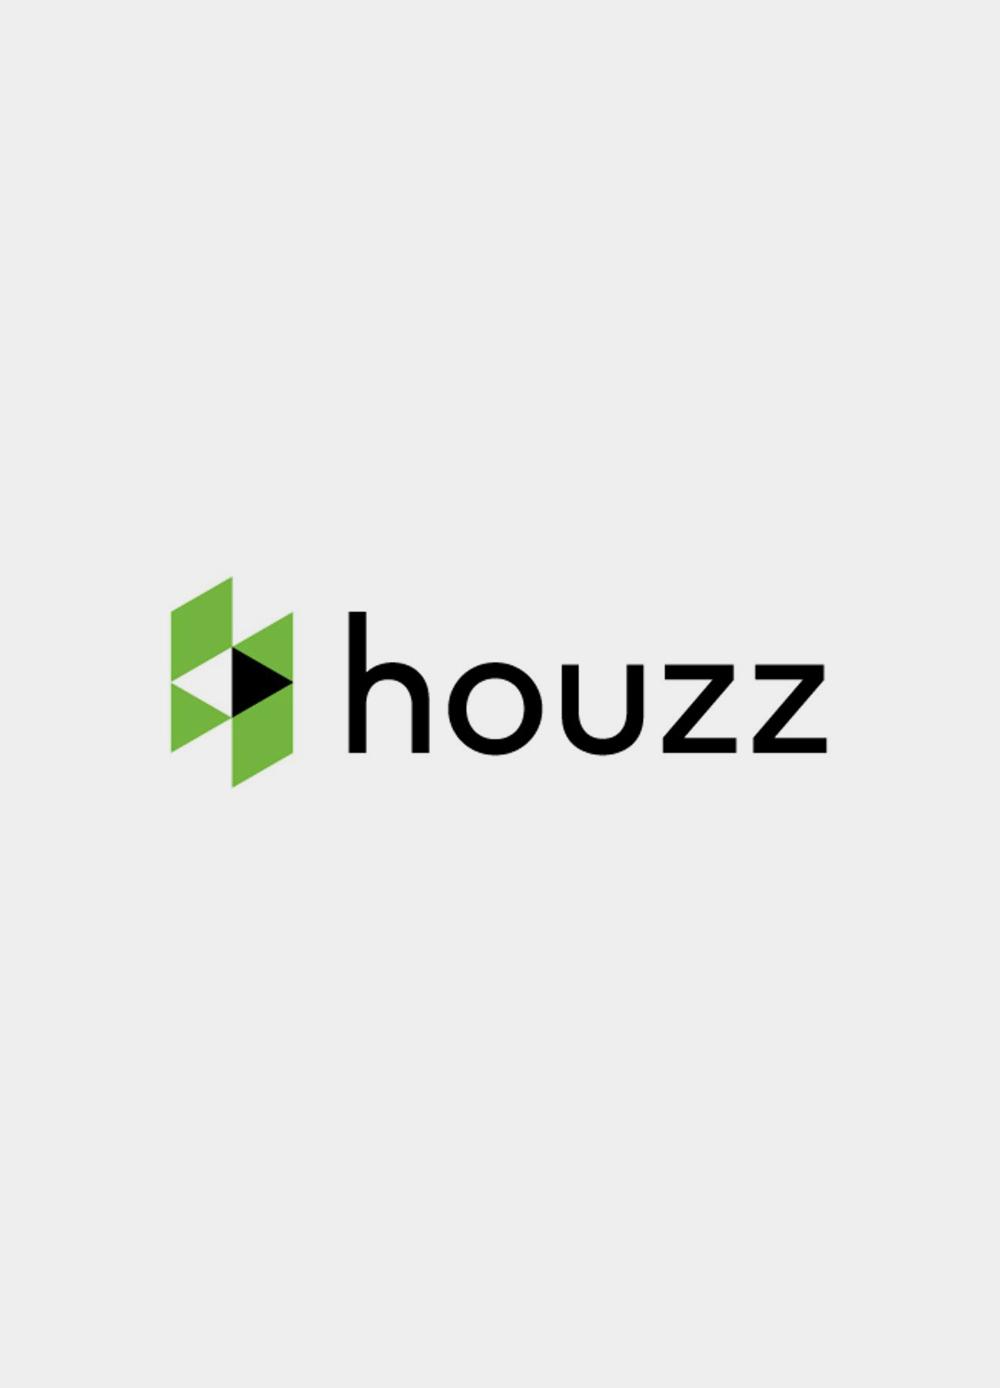 Houzz September 2o13 READ MORE